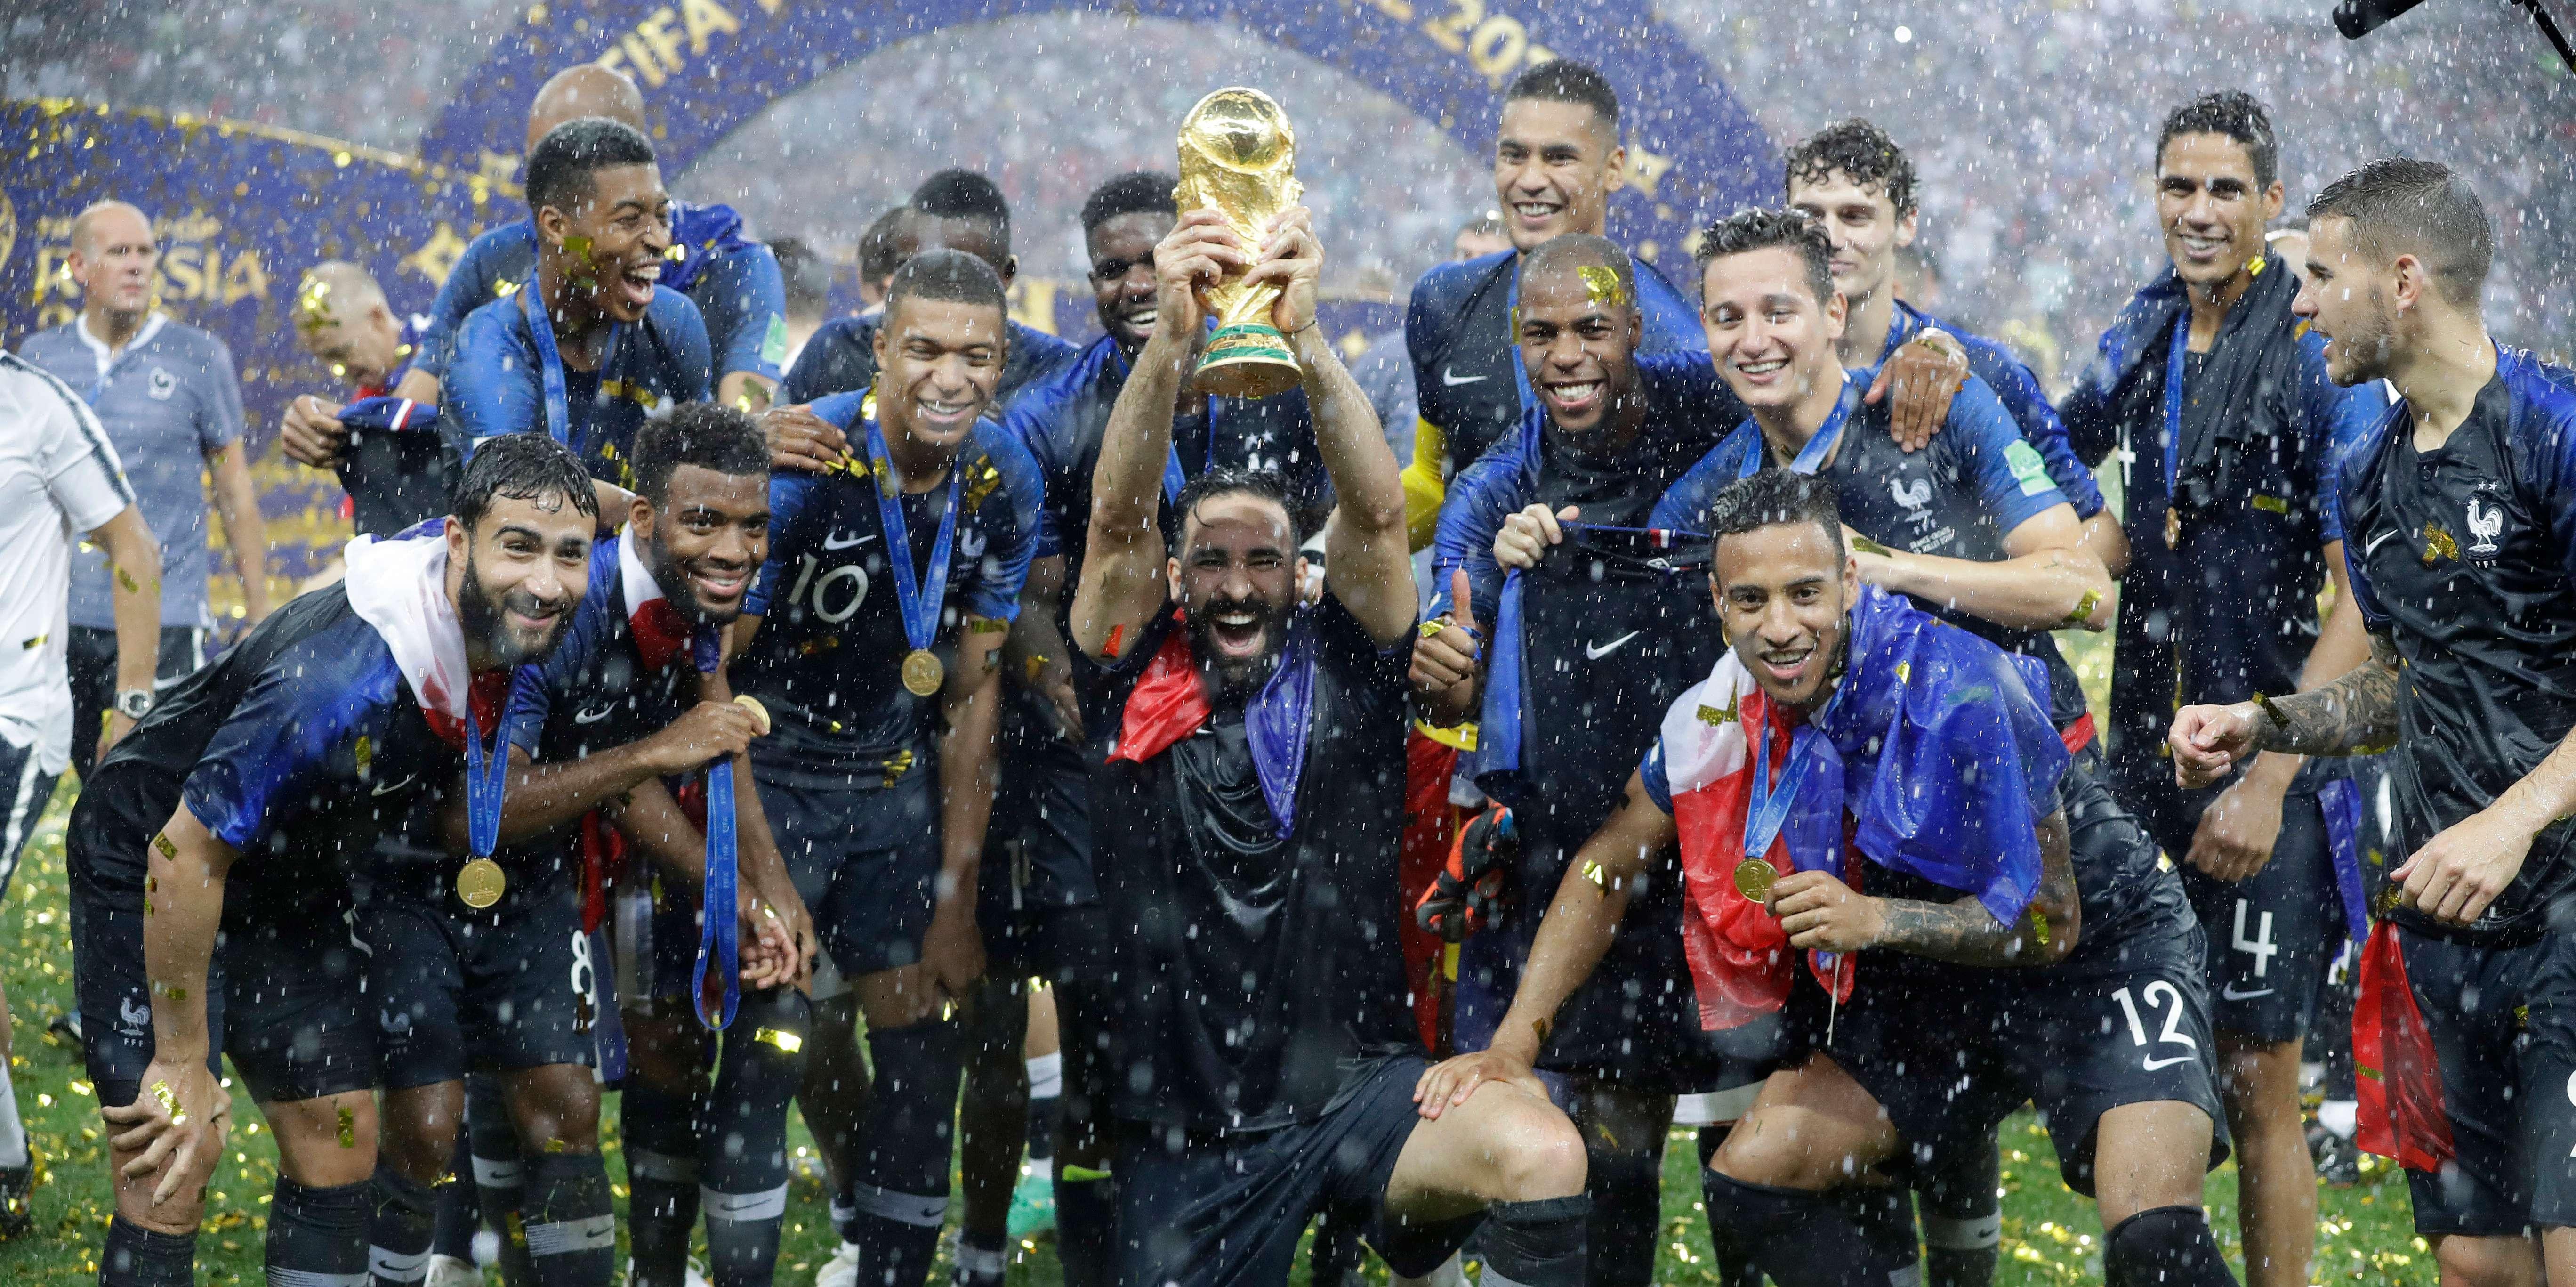 Dimanche 09 septembre les magic system seront au stade de france avec les bleus - Coupe du monde resultats ...